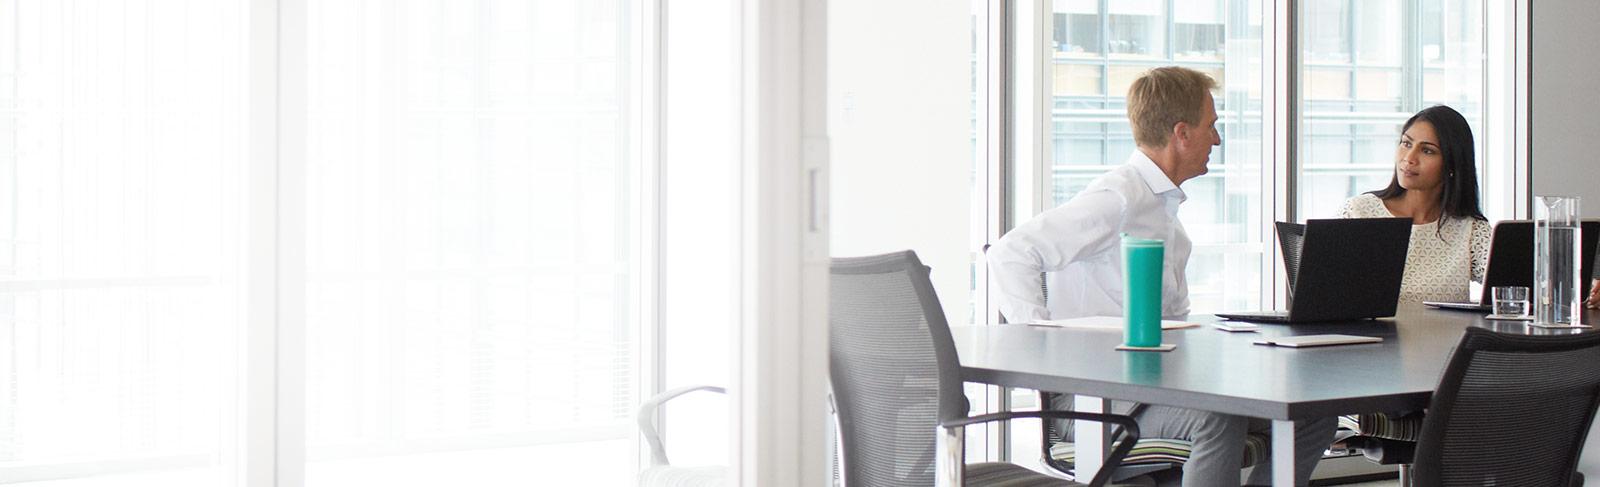 Dois funcionários em uma sala de conferências com seus laptops, usando o Office 365 Enterprise E3.